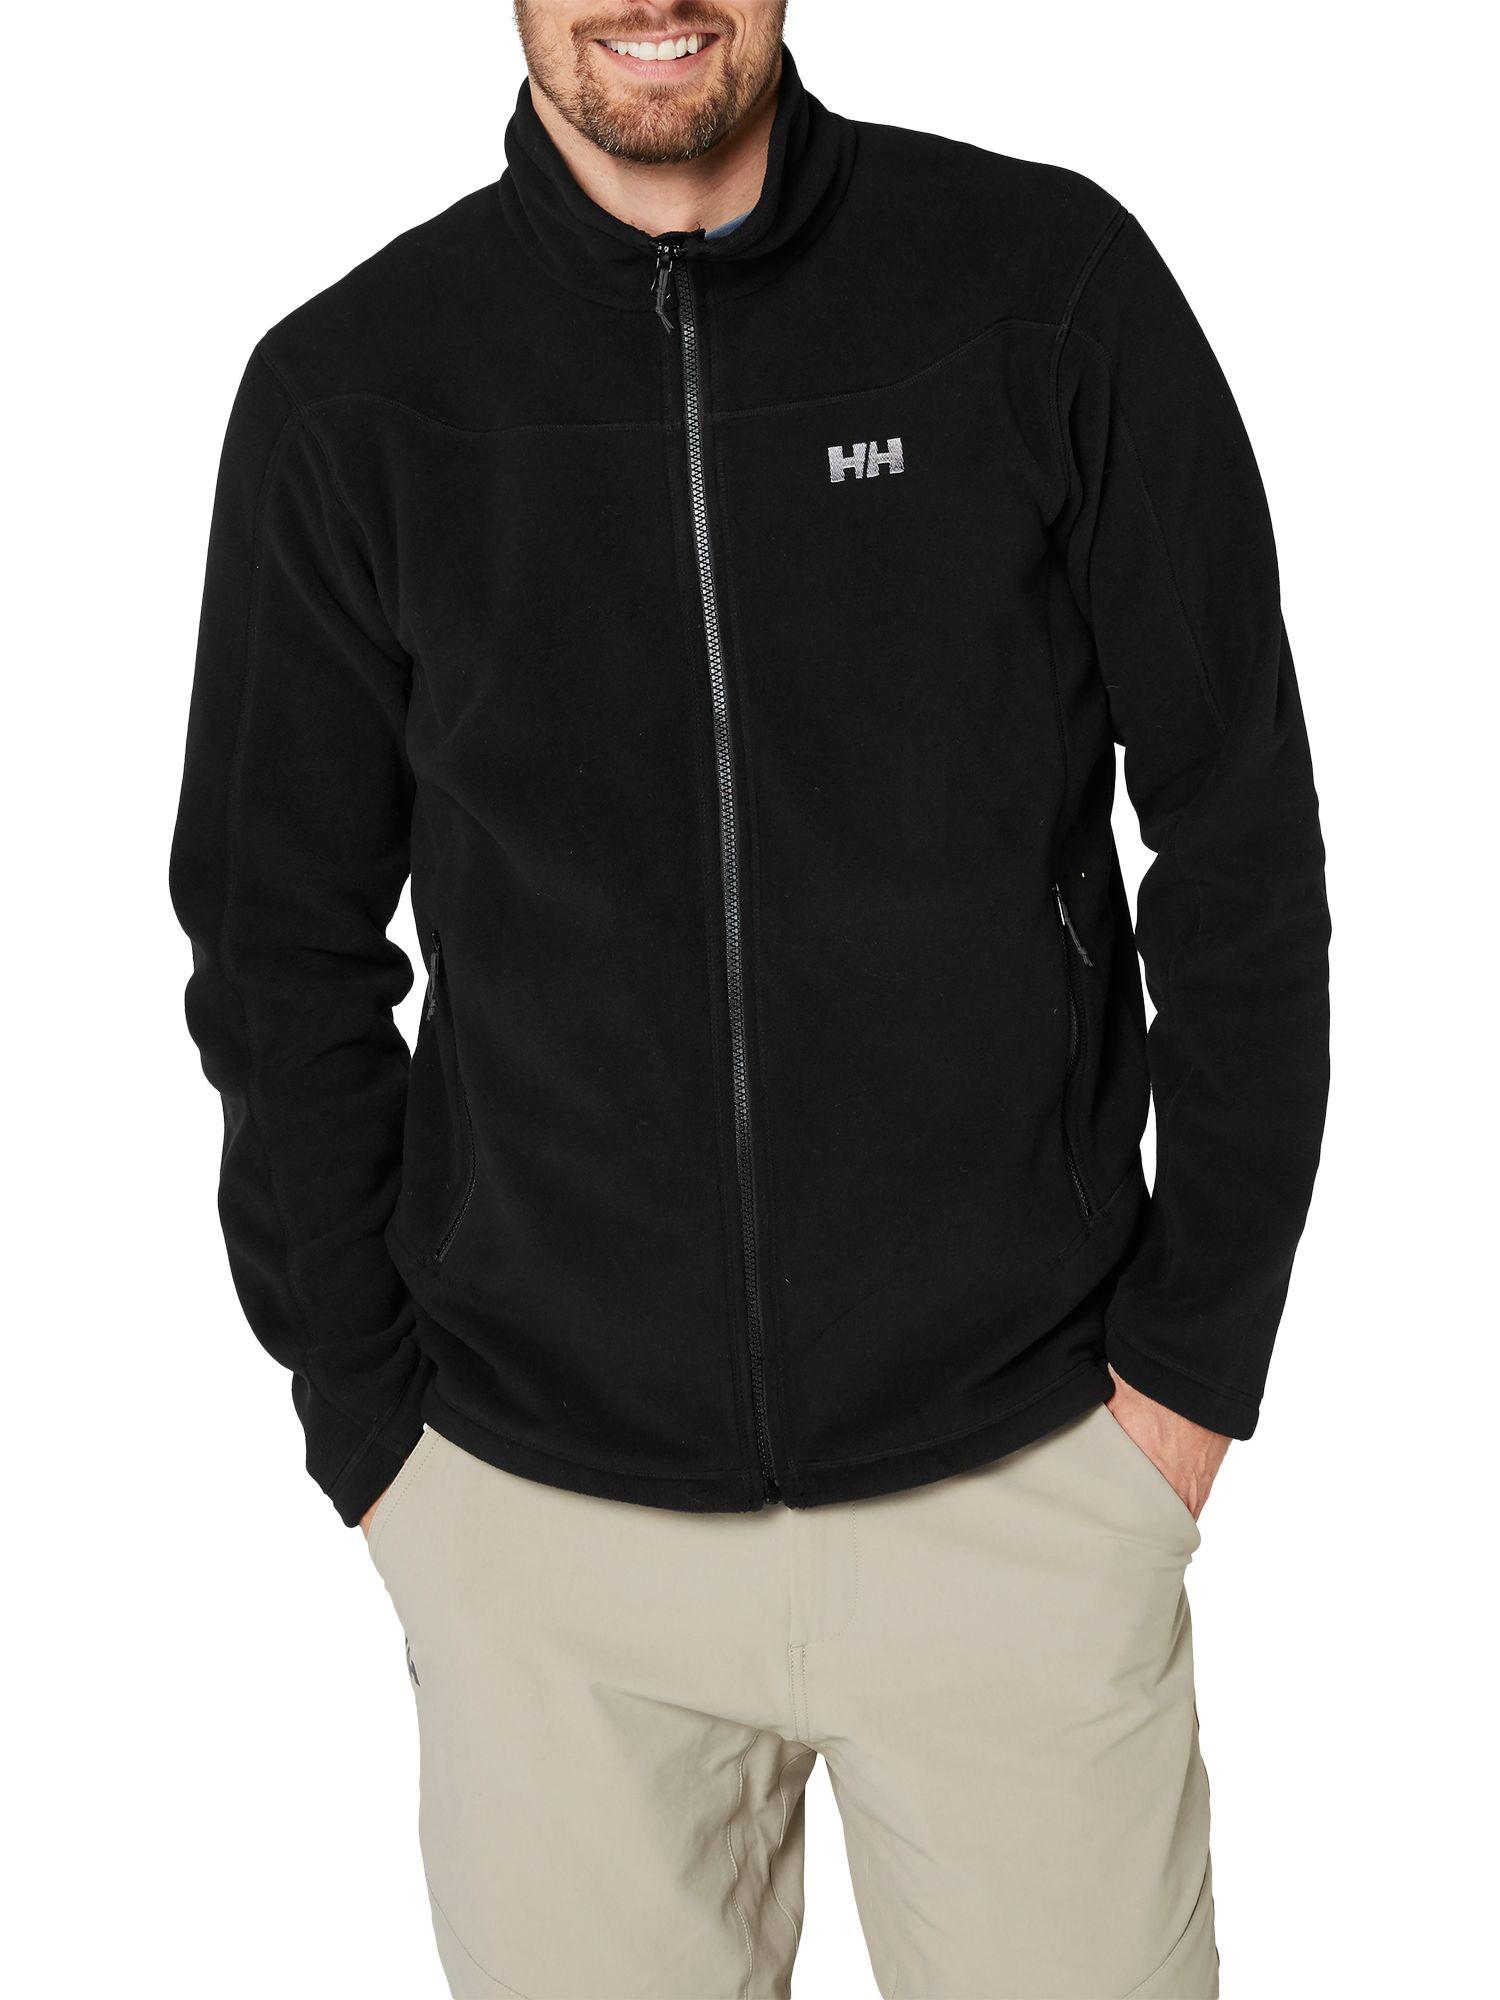 Helly Hansen Helly Hansen Daybreaker Full-Zip Men's Fleece Jacket, Black